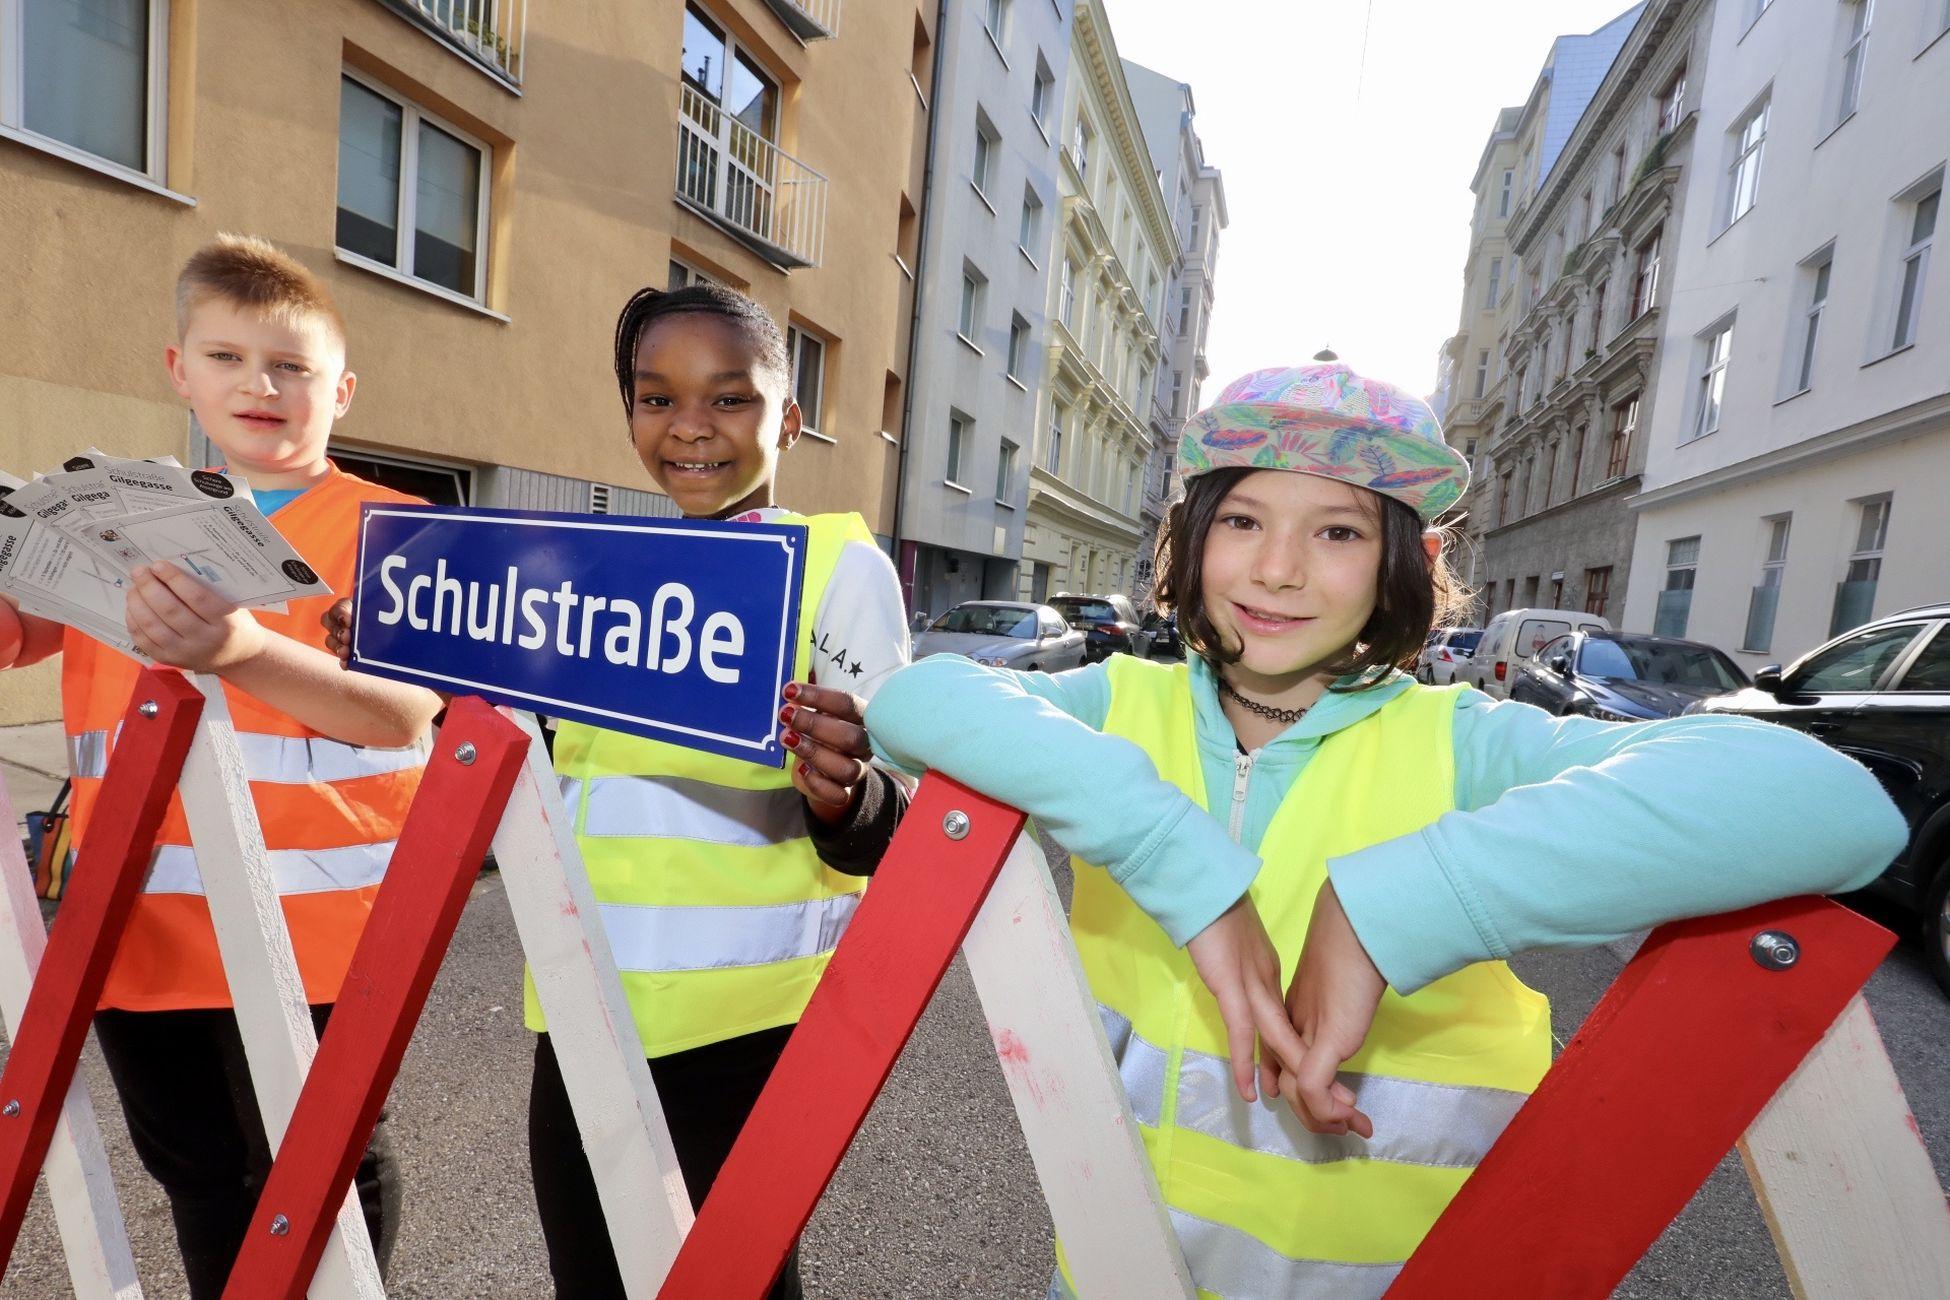 In Wien gibt es mittlerweile 4 Schulstraßen. Dort golt zu Unterrichtsbeginn ein 30-minütiges Fahrverbot für Kfz. Dies dient der Sicherheit der Kinder.